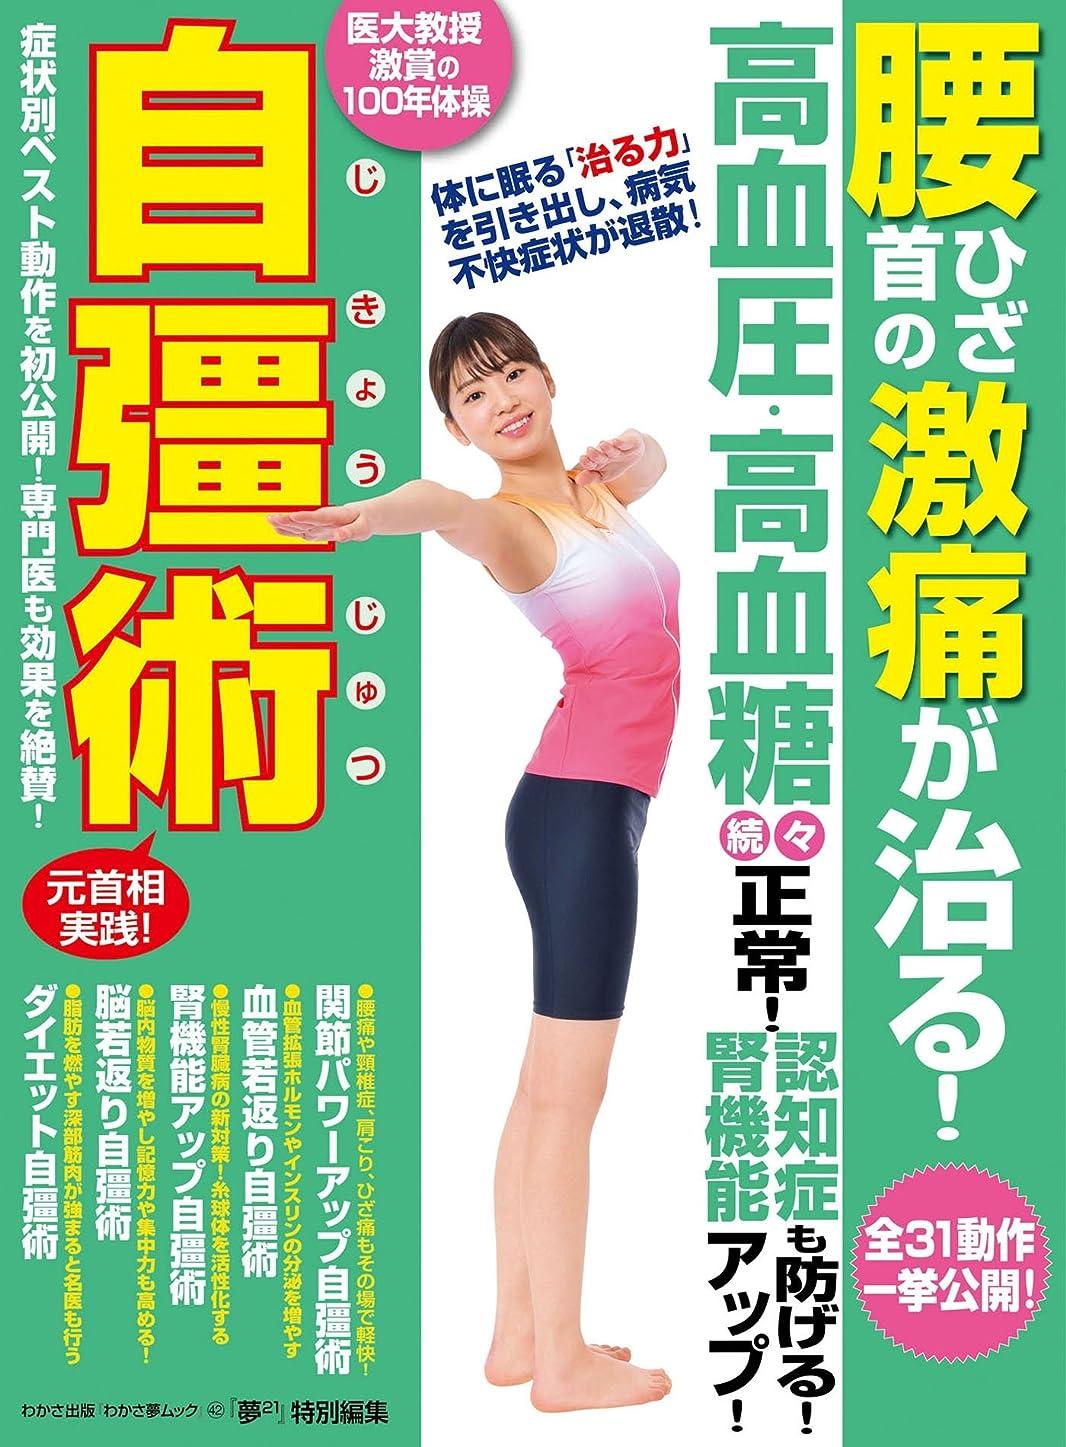 幹細断集団的わかさ夢MOOK42 医大教授激賞の100年体操 自彊術 (WAKASA PUB)